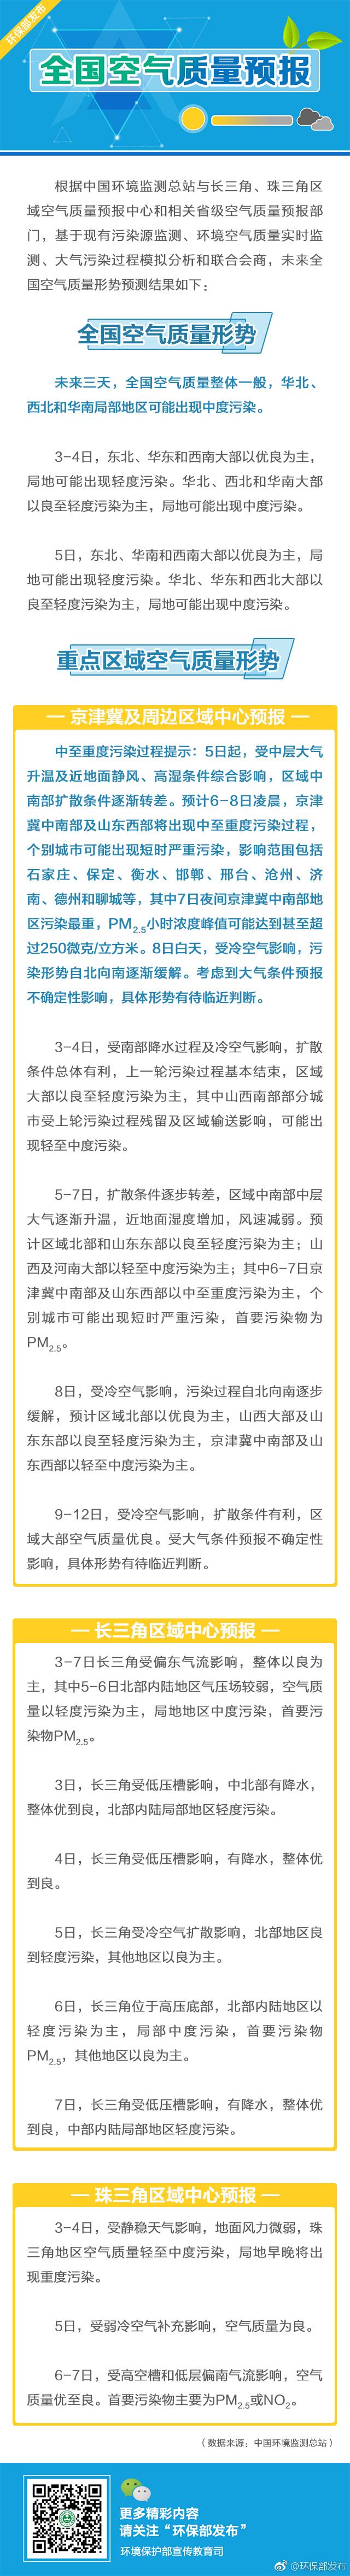 未来三天全国空气质量一般 6-8日京津冀将现中至重度污染